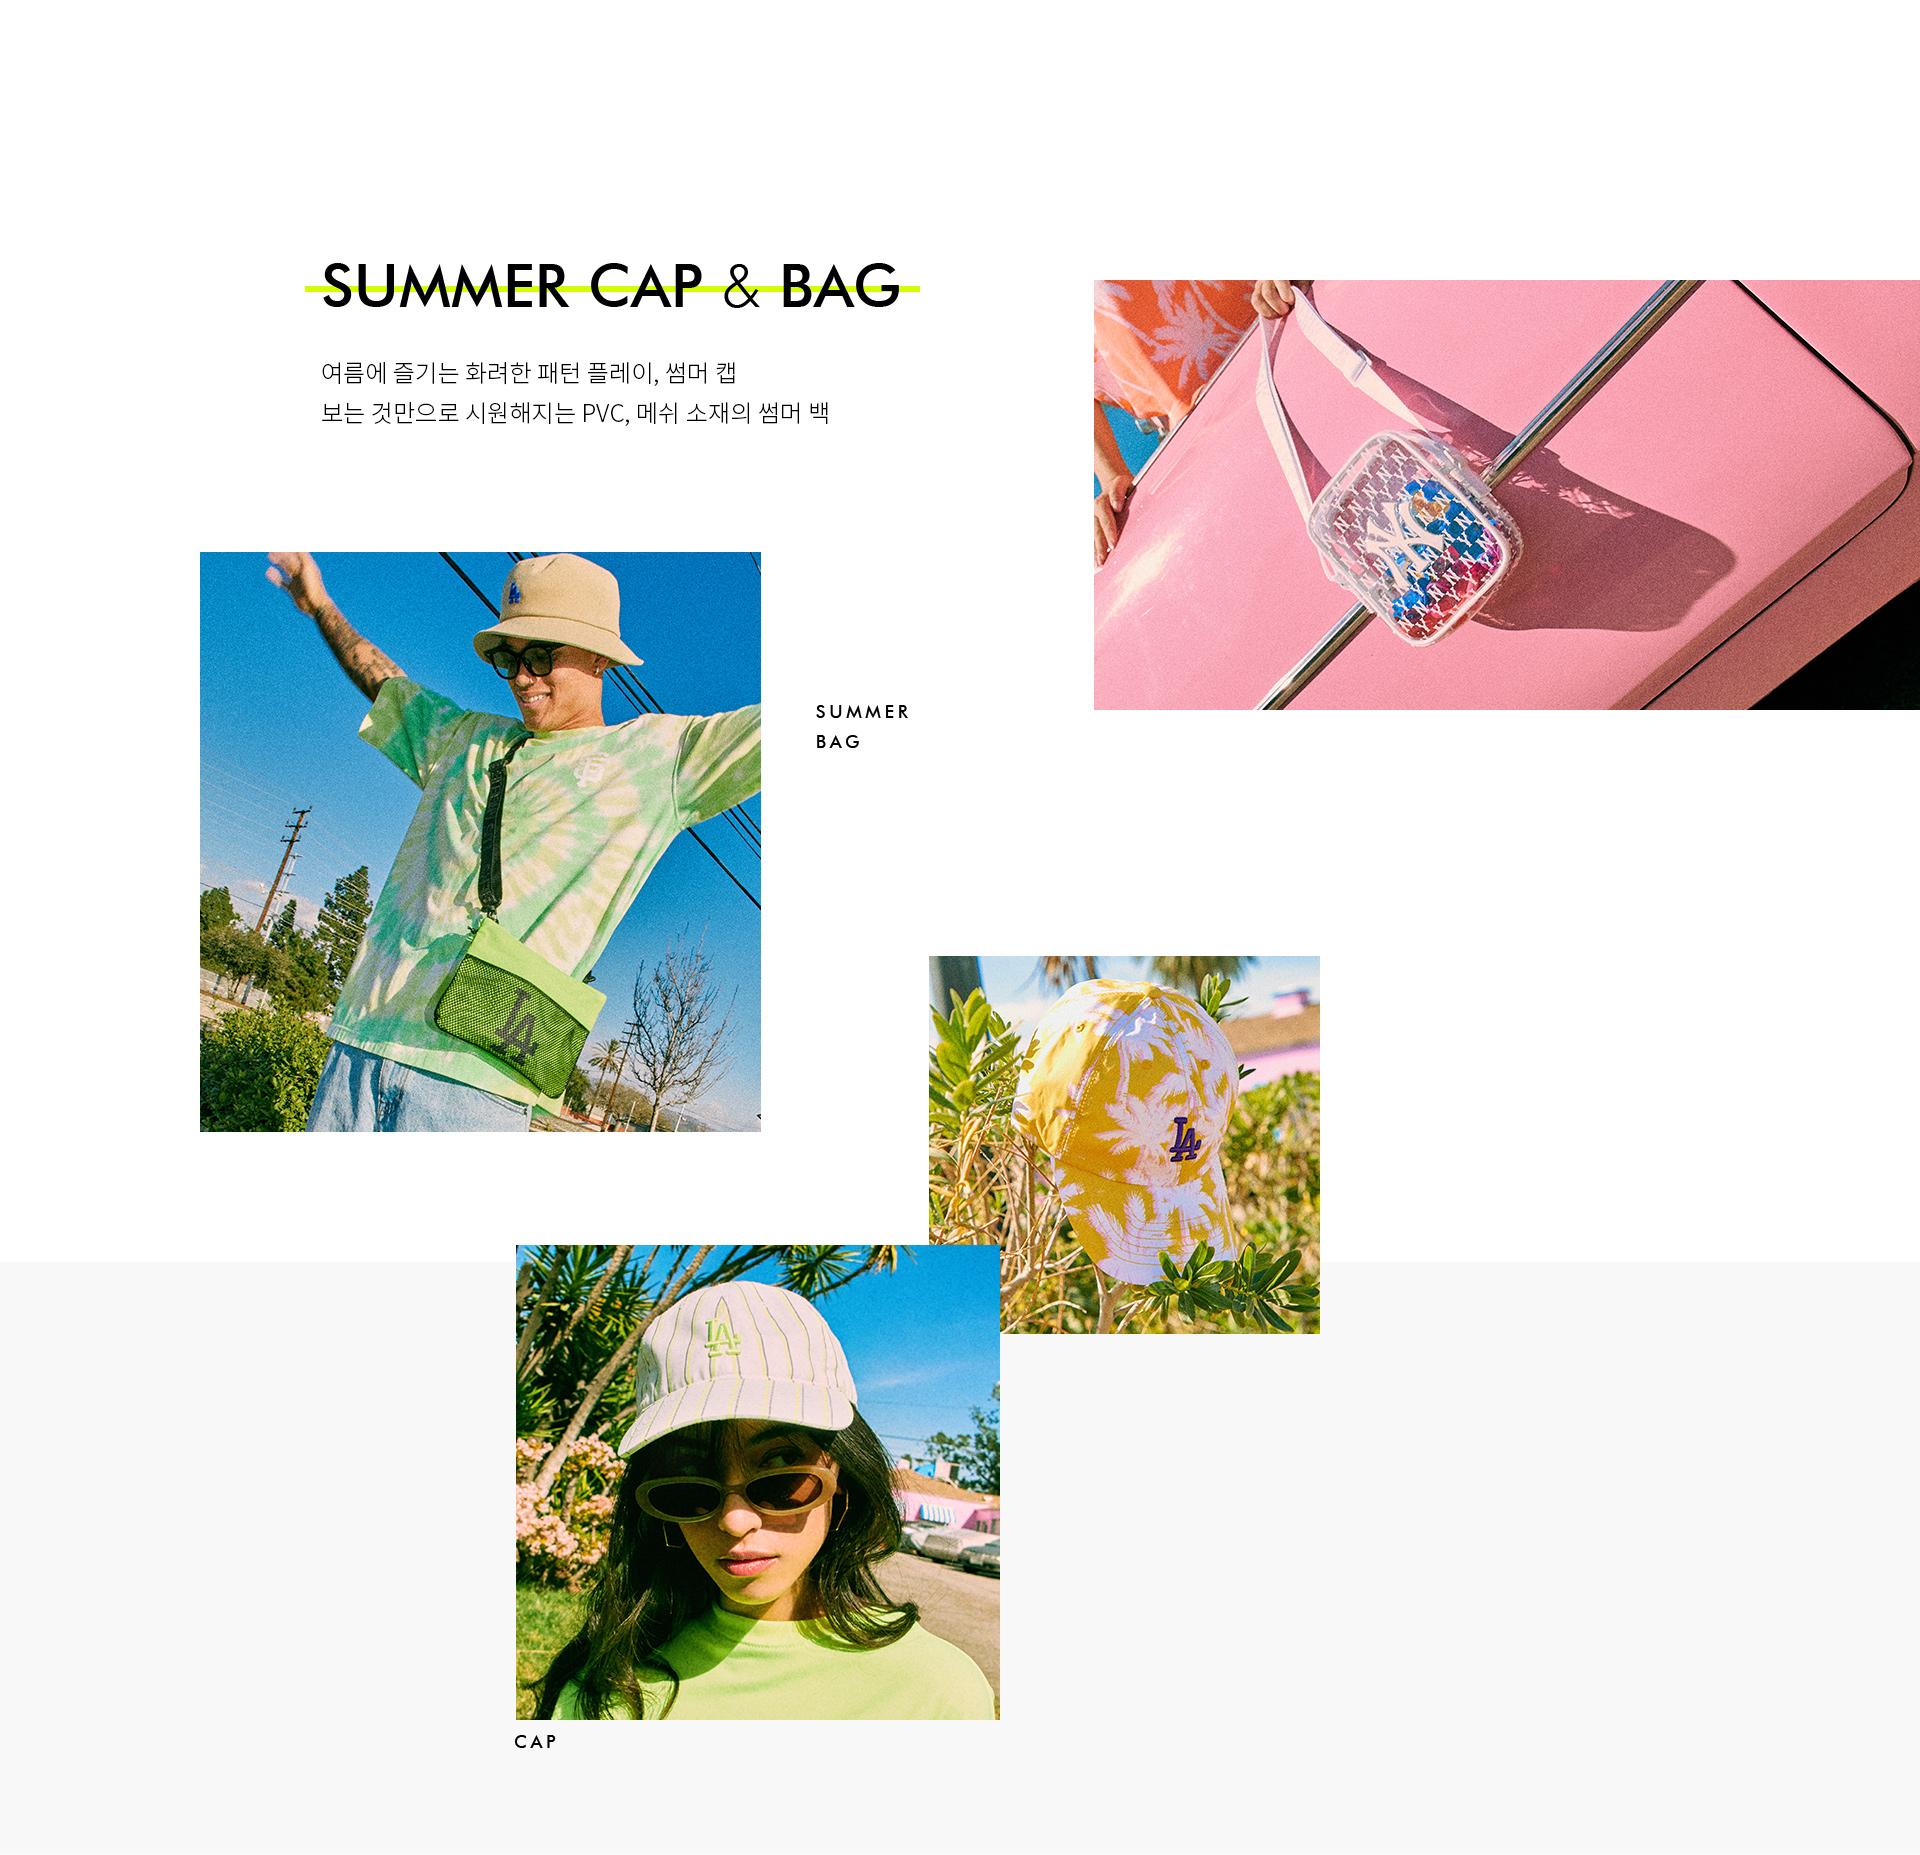 SUMMER CAP & BAG 여름에 즐기는 화려한 패턴 플레이, 썸머 캡 보는 것만으로 시원해지는 PVC, 메쉬 소재의 썸머 백 SUMMER BAG CAP